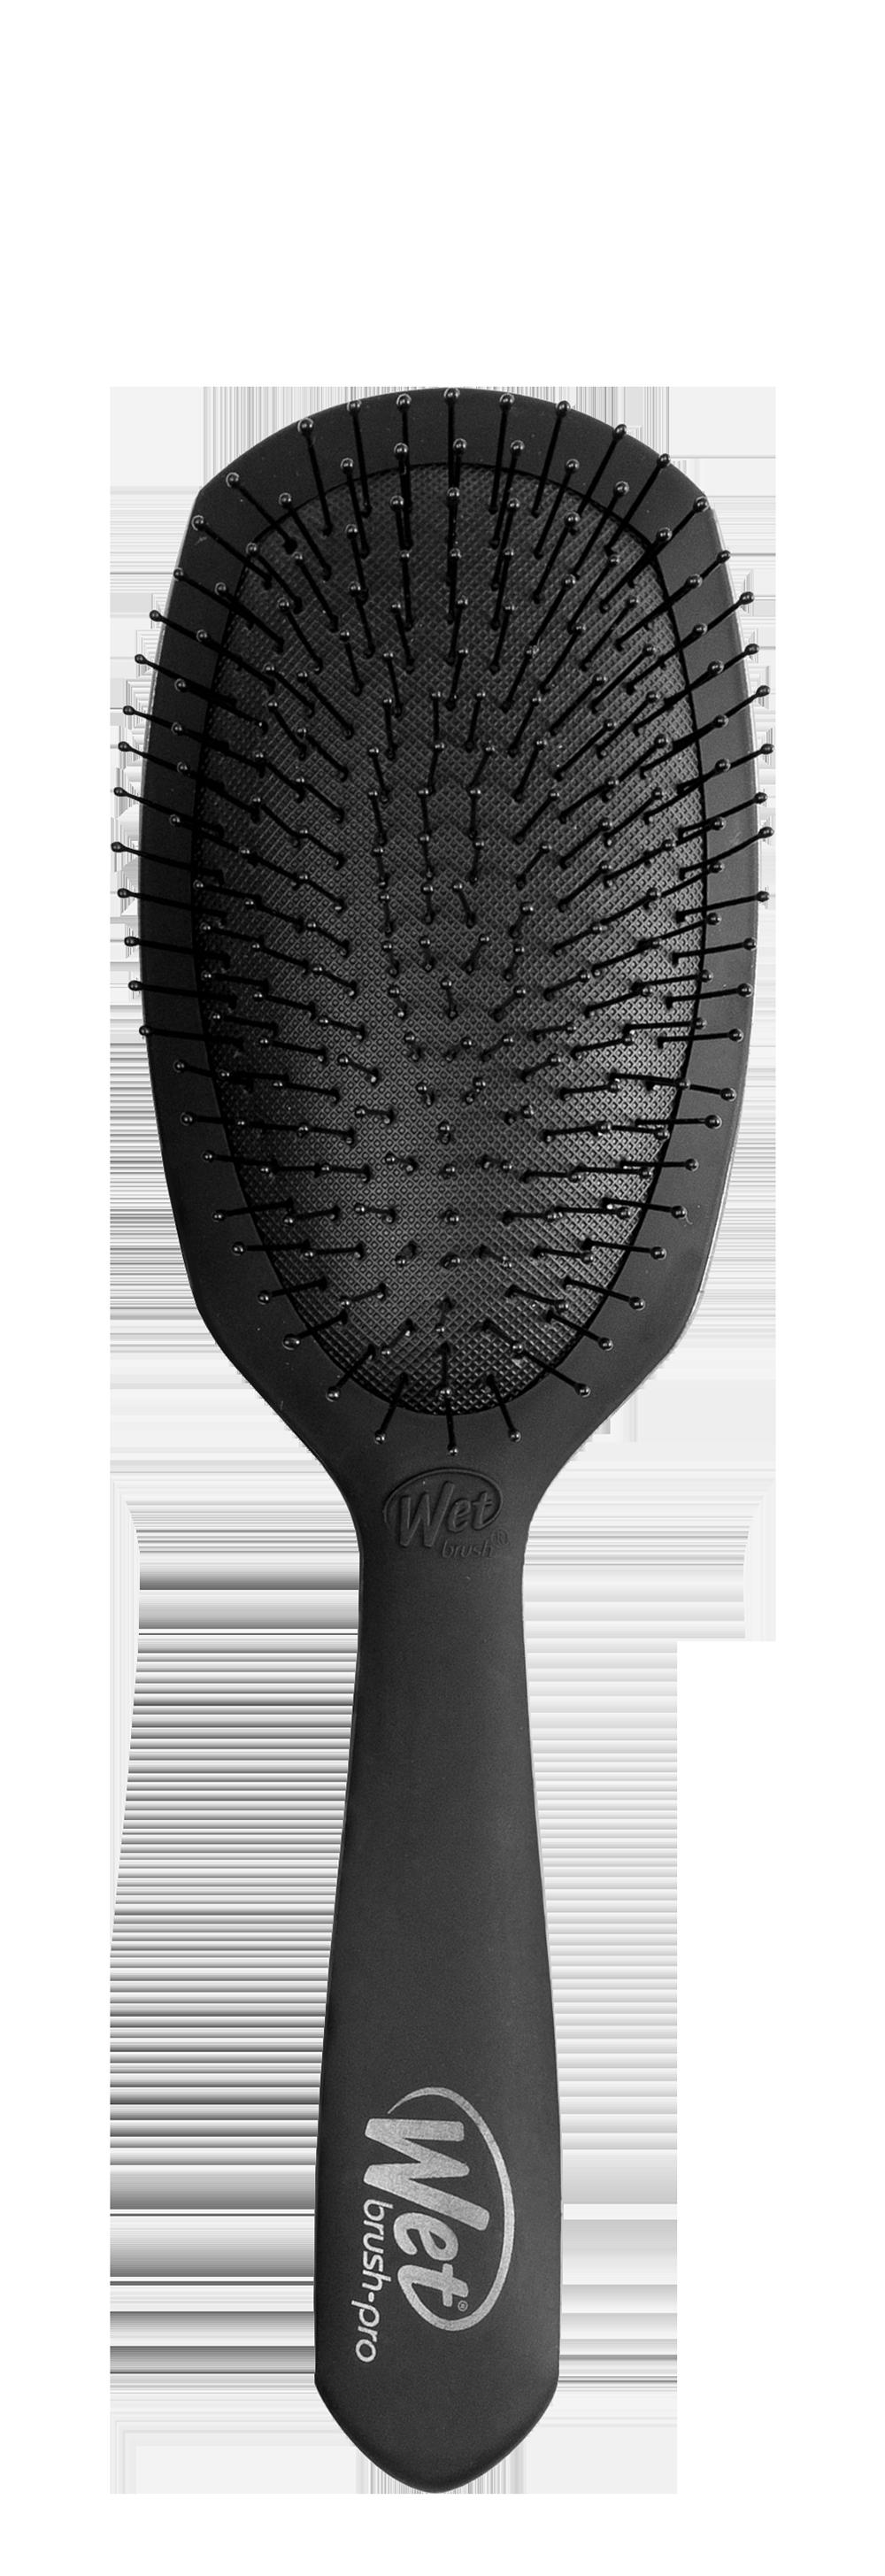 Wet Brush - Great for detangling all hair types, wet or dry!